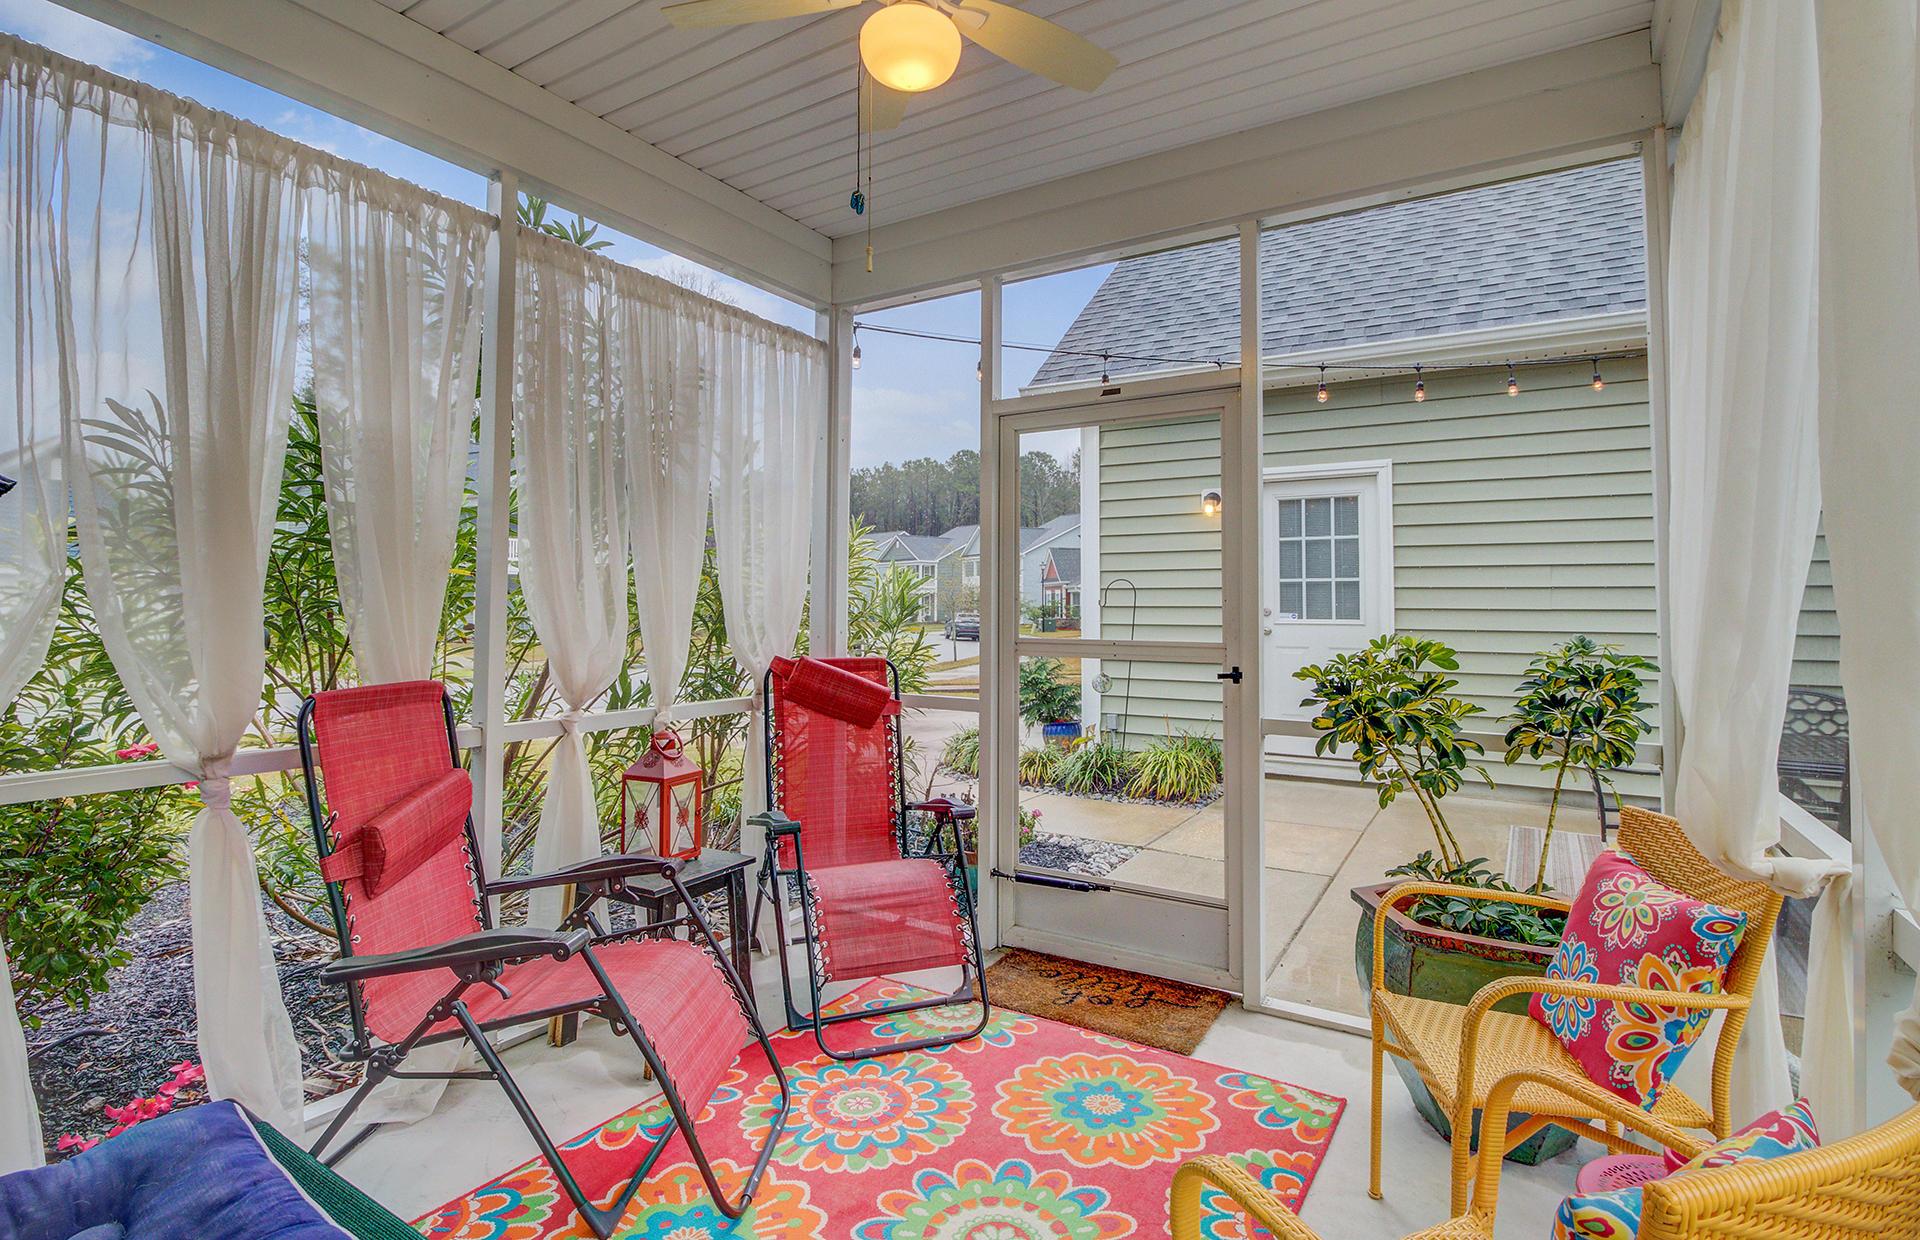 Boltons Landing Homes For Sale - 3143 Moonlight, Charleston, SC - 6